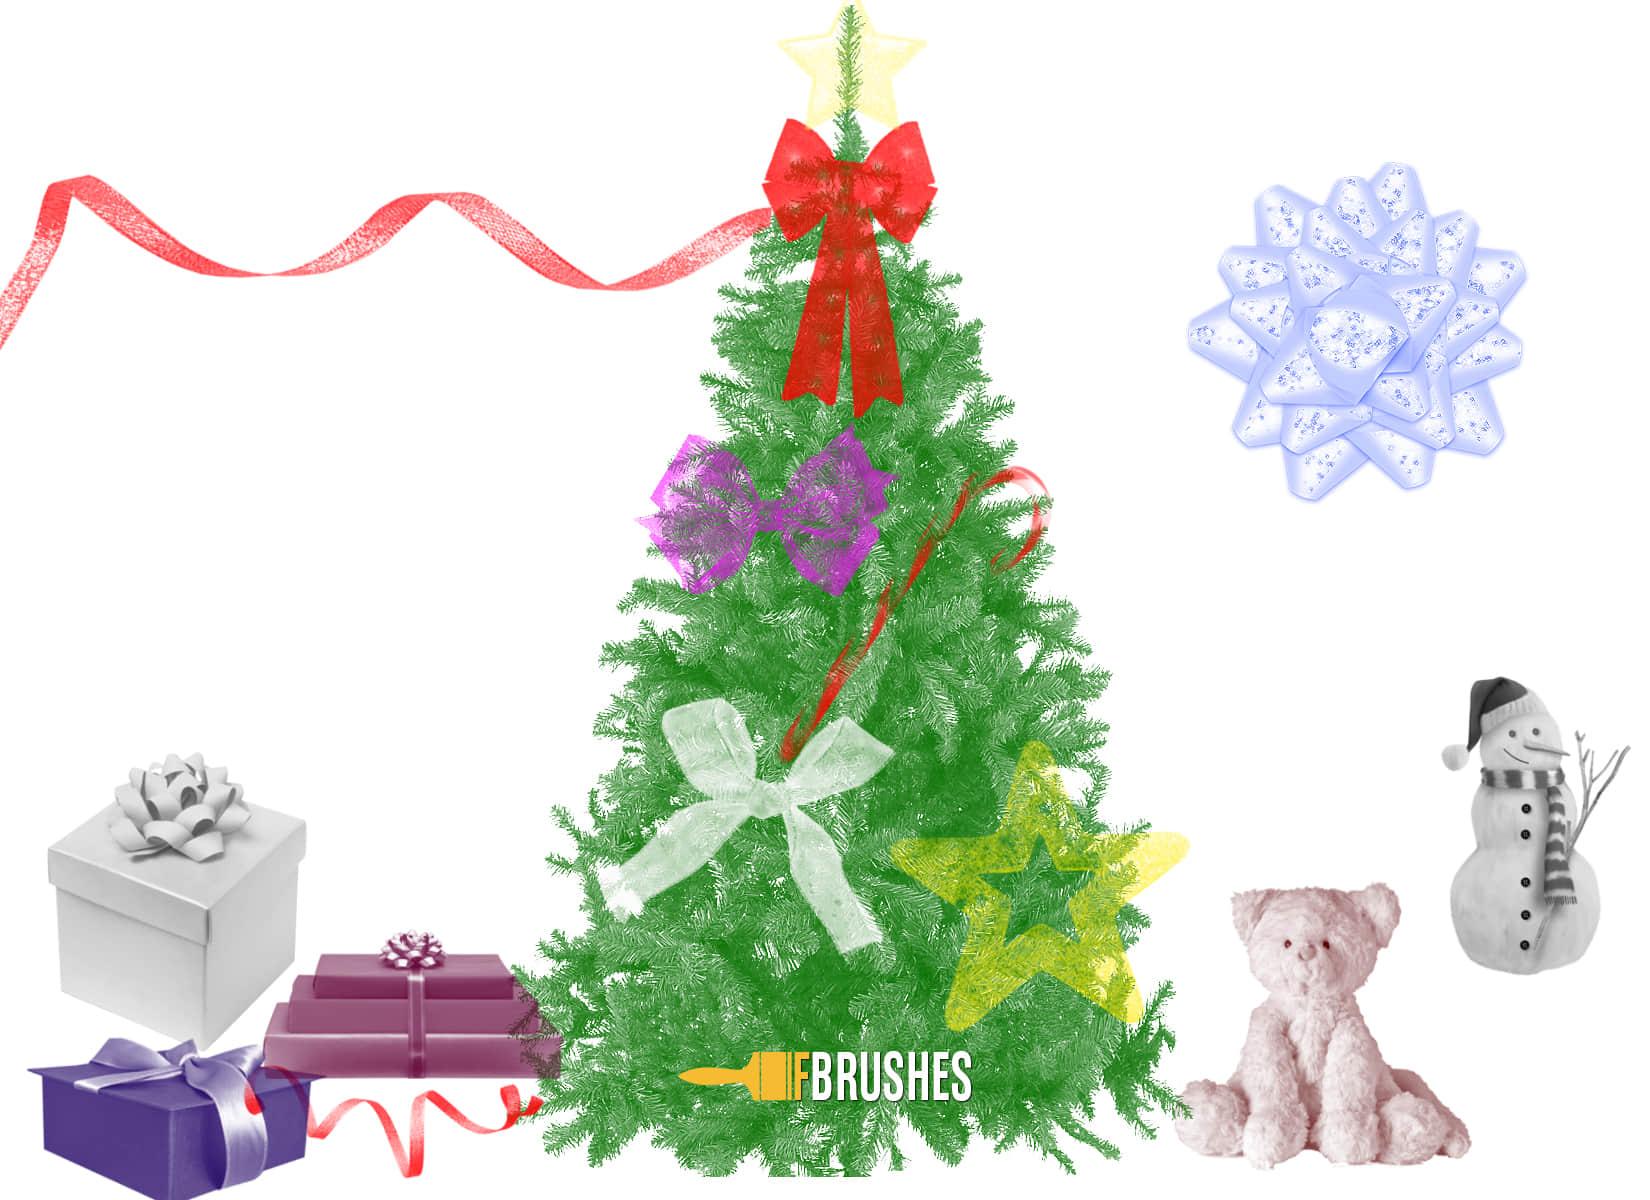 圣诞节元素饰品PS免费素材下载 节日笔刷 圣诞节笔刷  adornment brushes